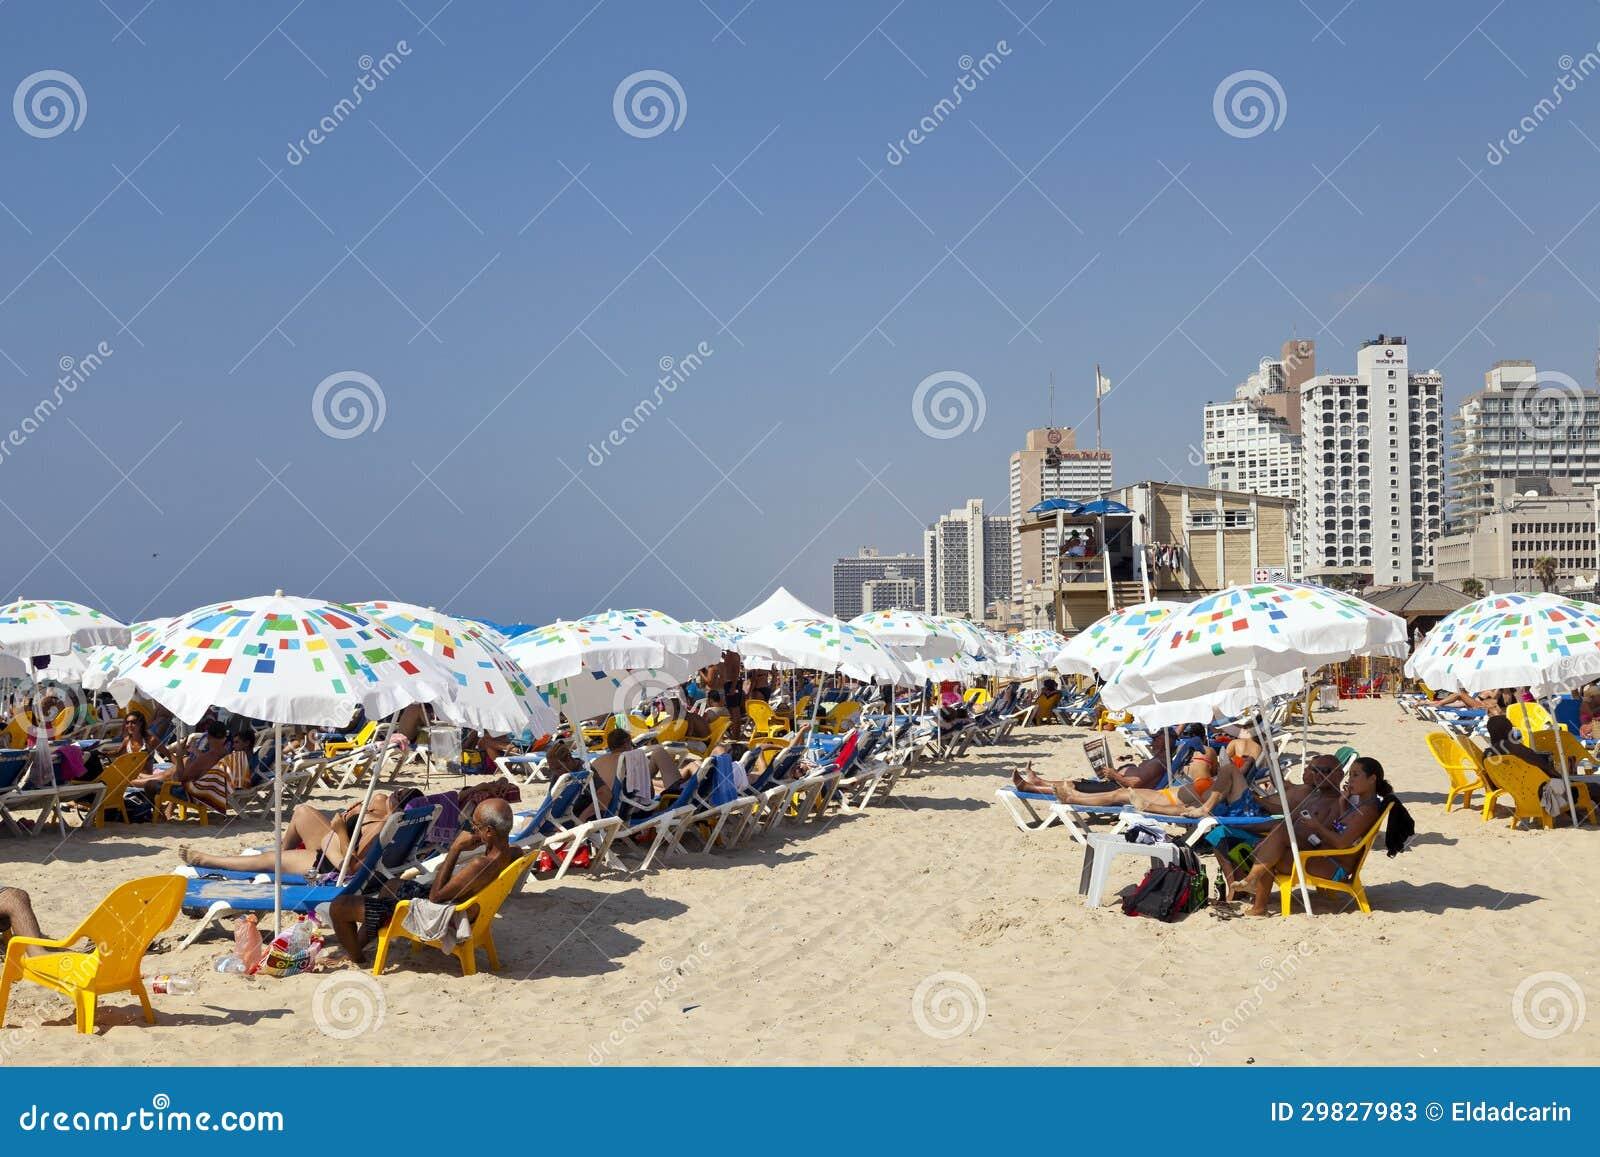 Verão na praia em Telavive Israel